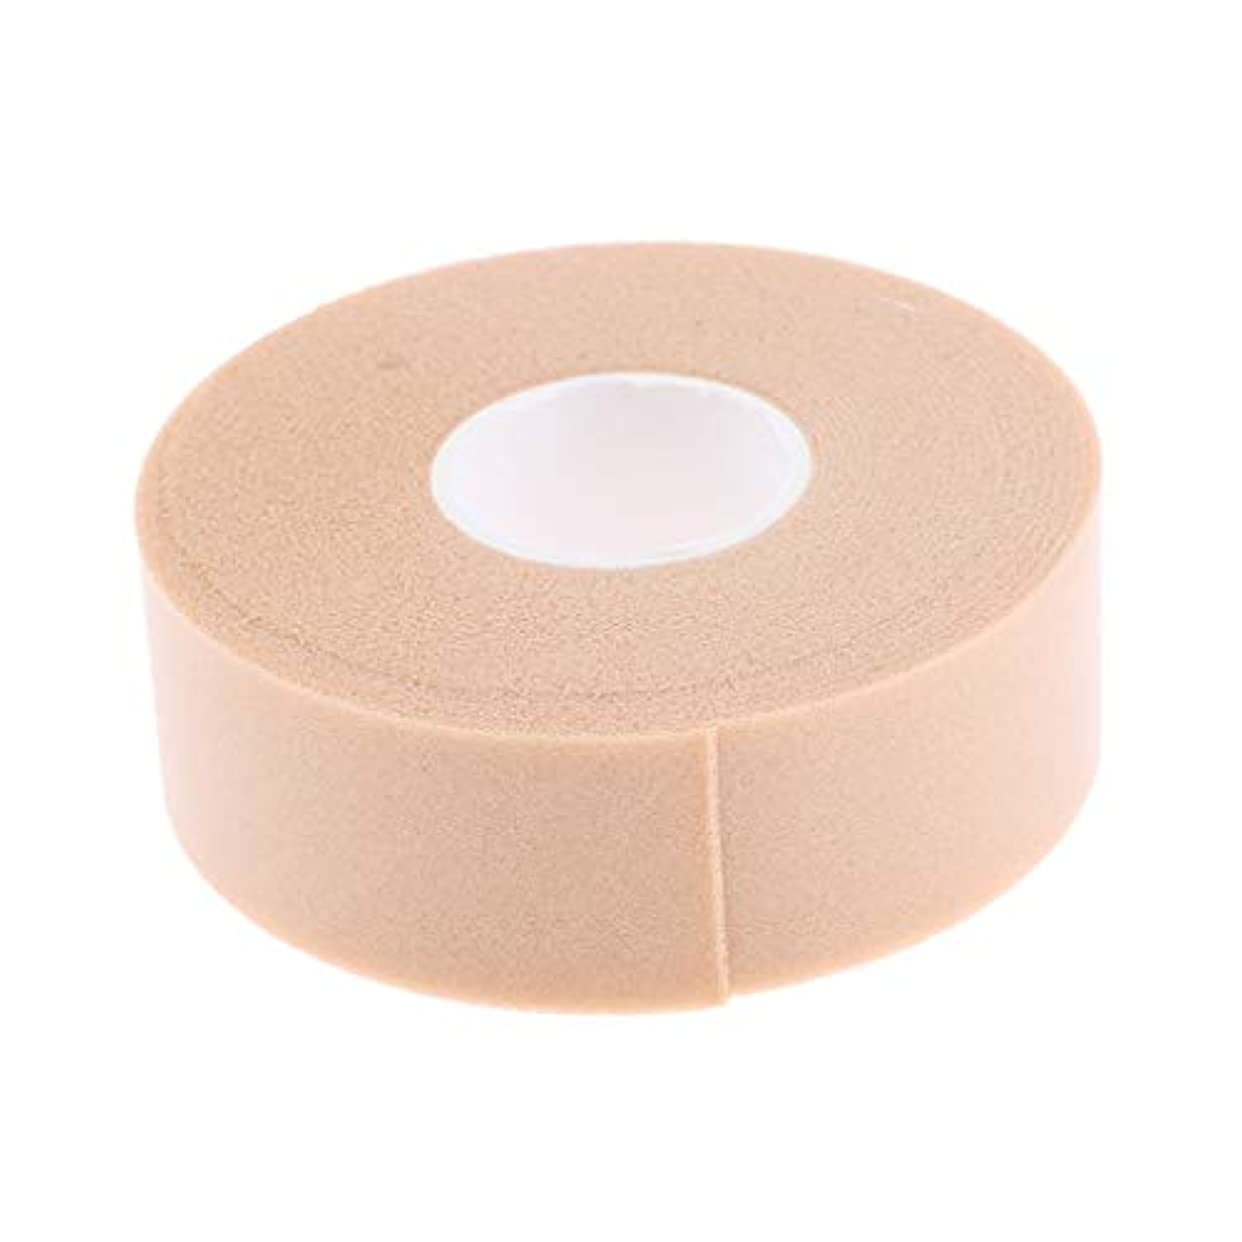 シェーバー逆さまにアラブサラボHellery 自己接着まめのパッドの包帯の防止パッチの保護テープ2.5m